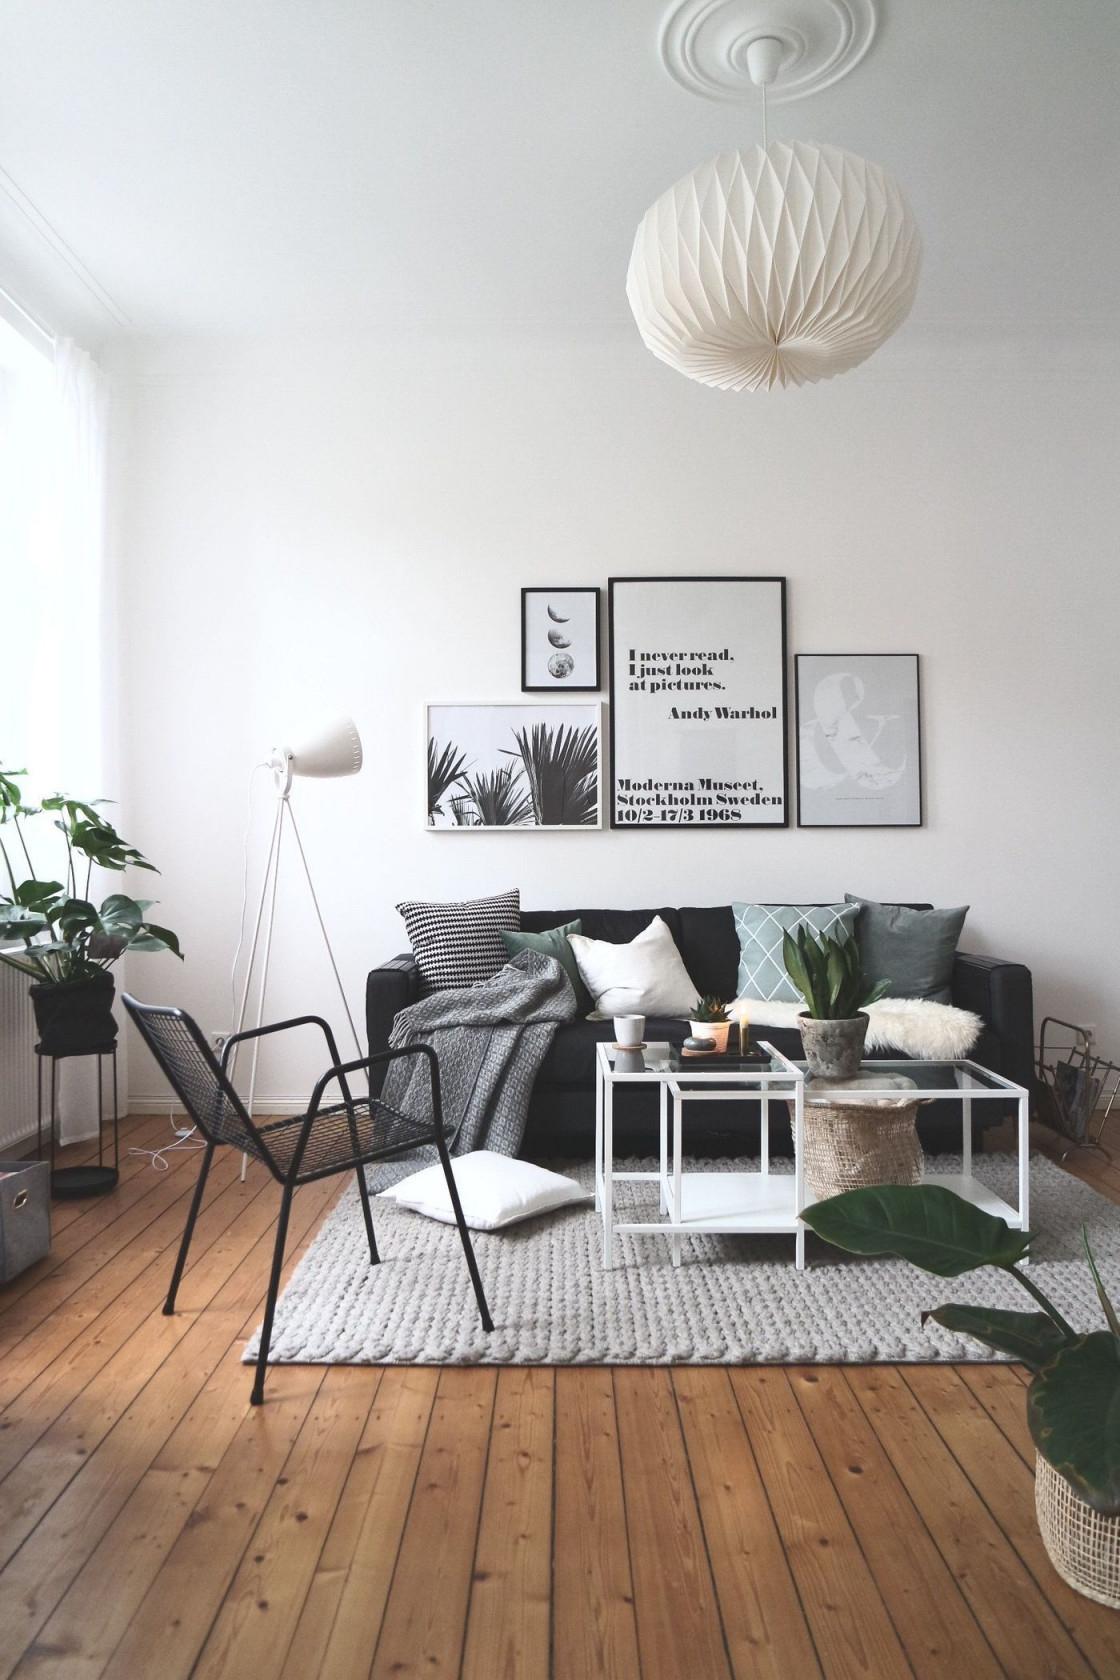 schwarz weiß dekorieren und einrichten von wohnzimmer